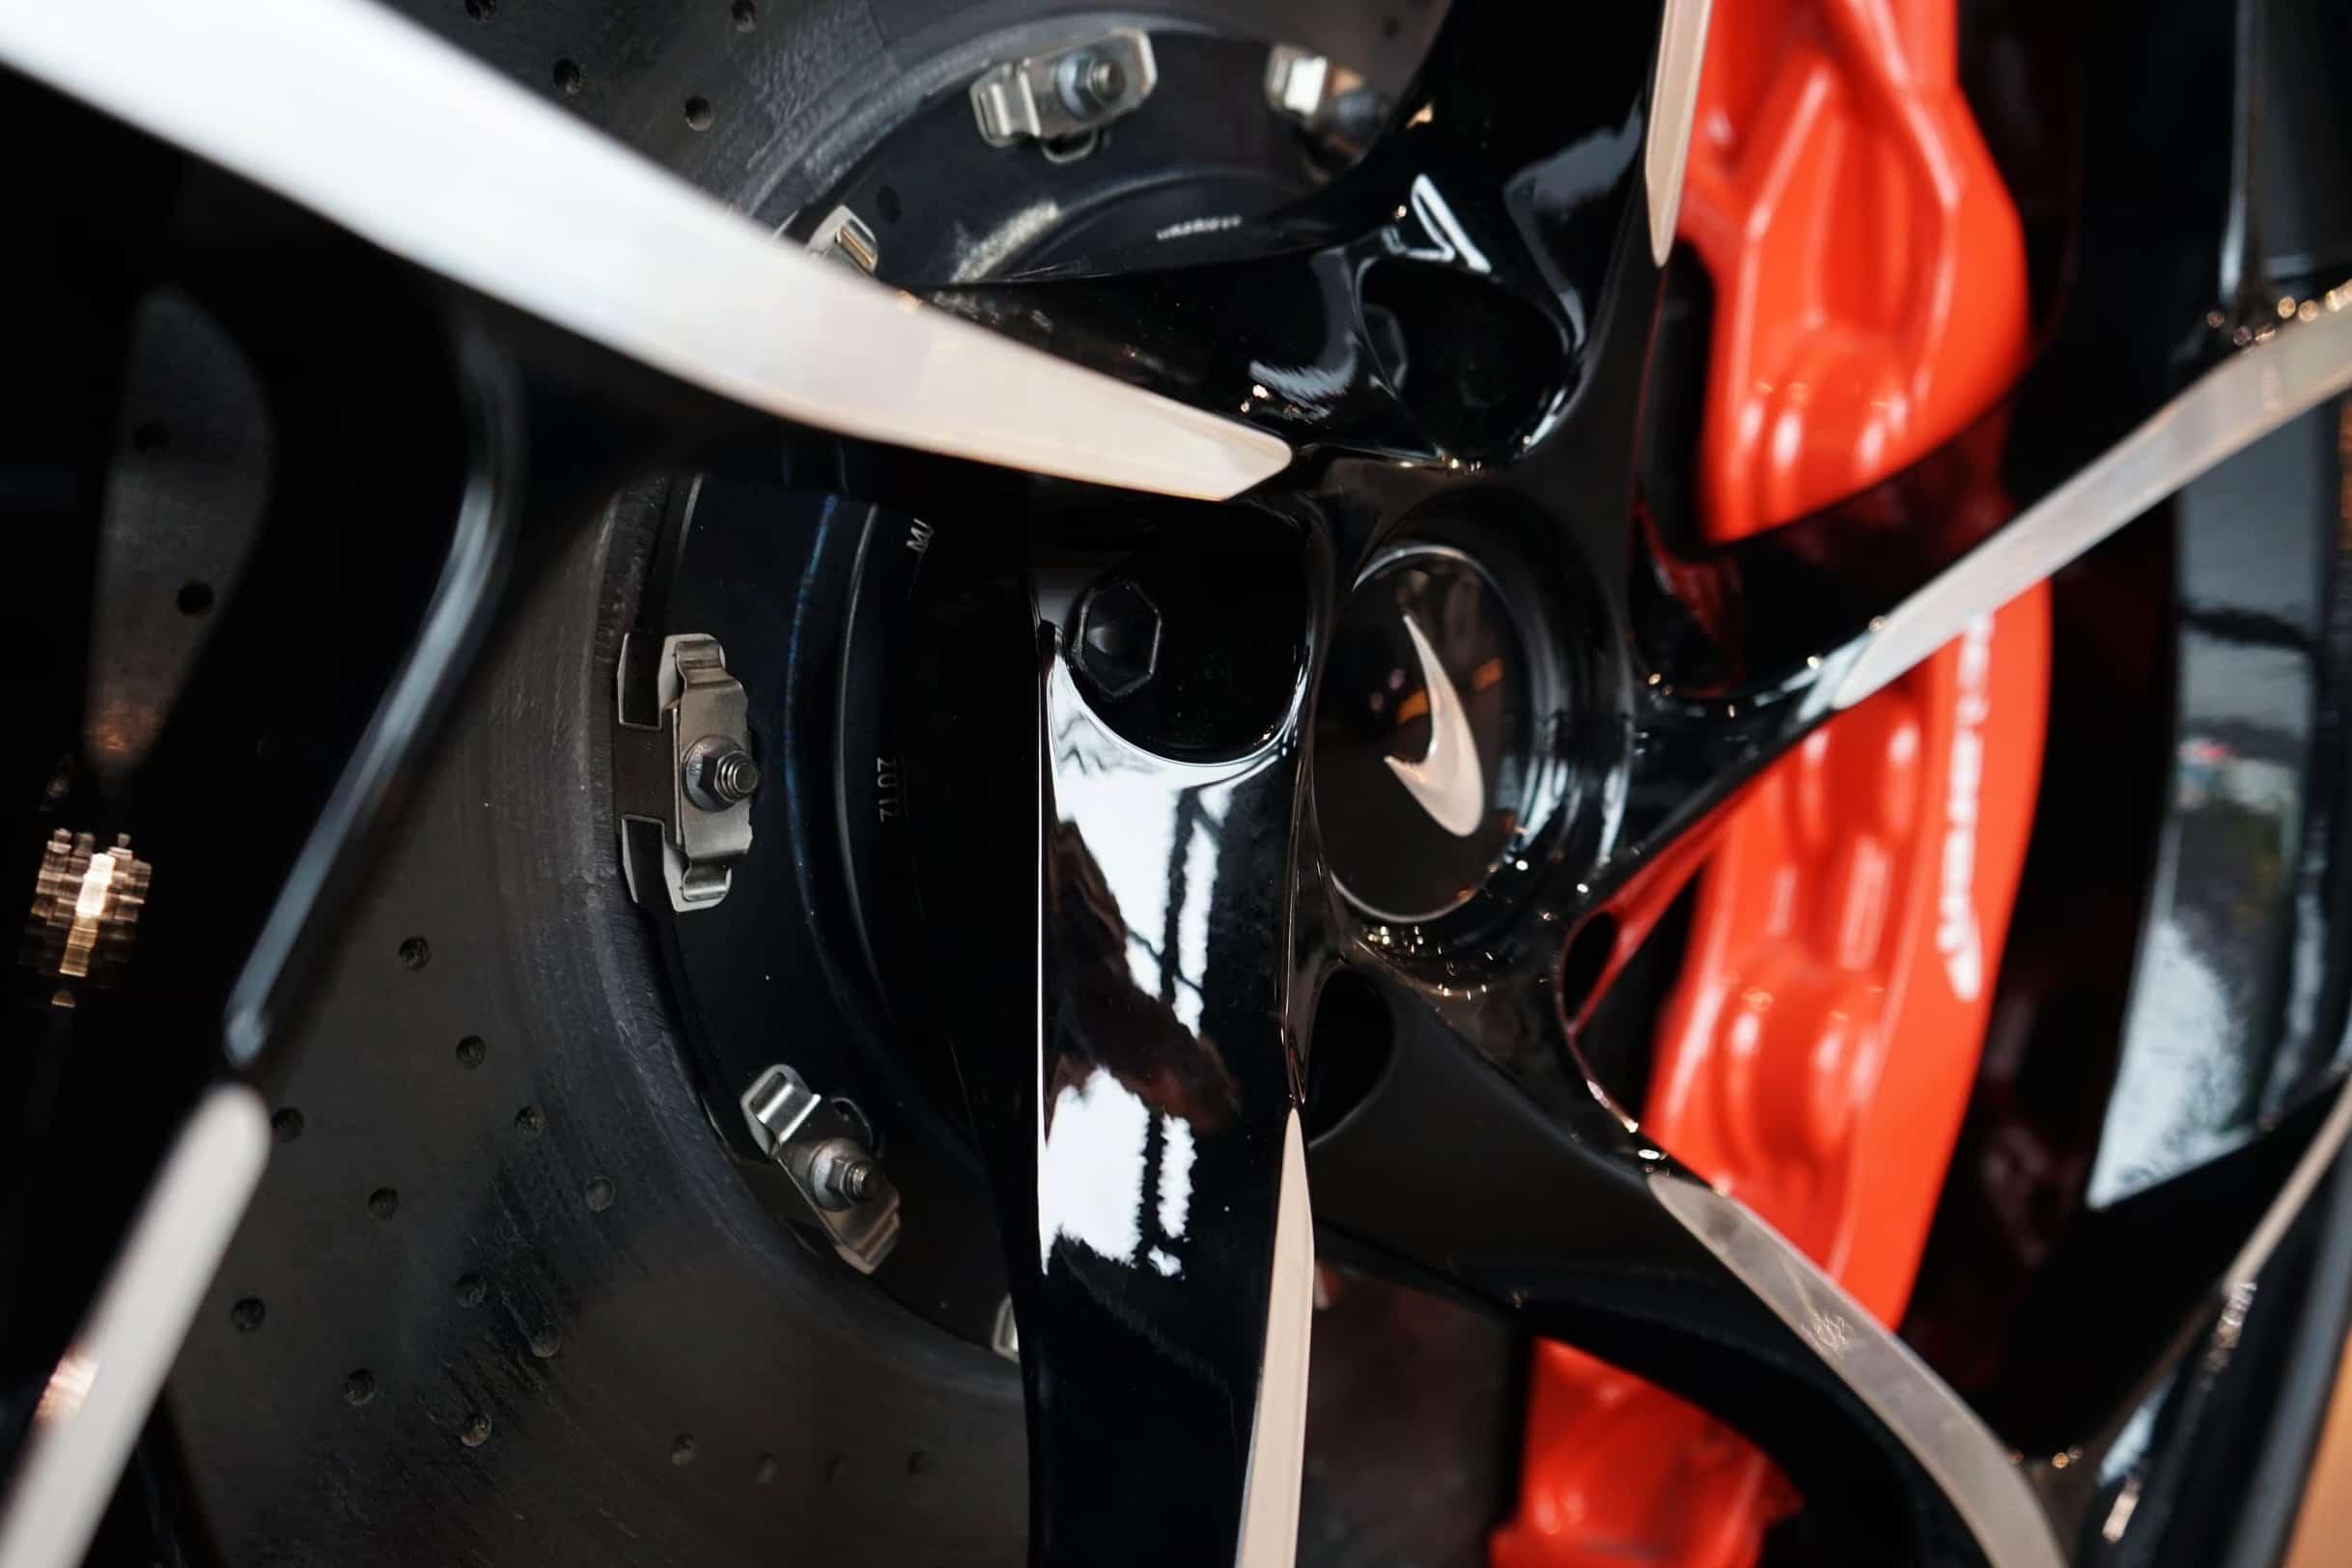 2021 McLaren Elva (815 PS) - 1.7 Millionen Euro | Nur 149 Stück - Der Interieur-Check I Teil 2